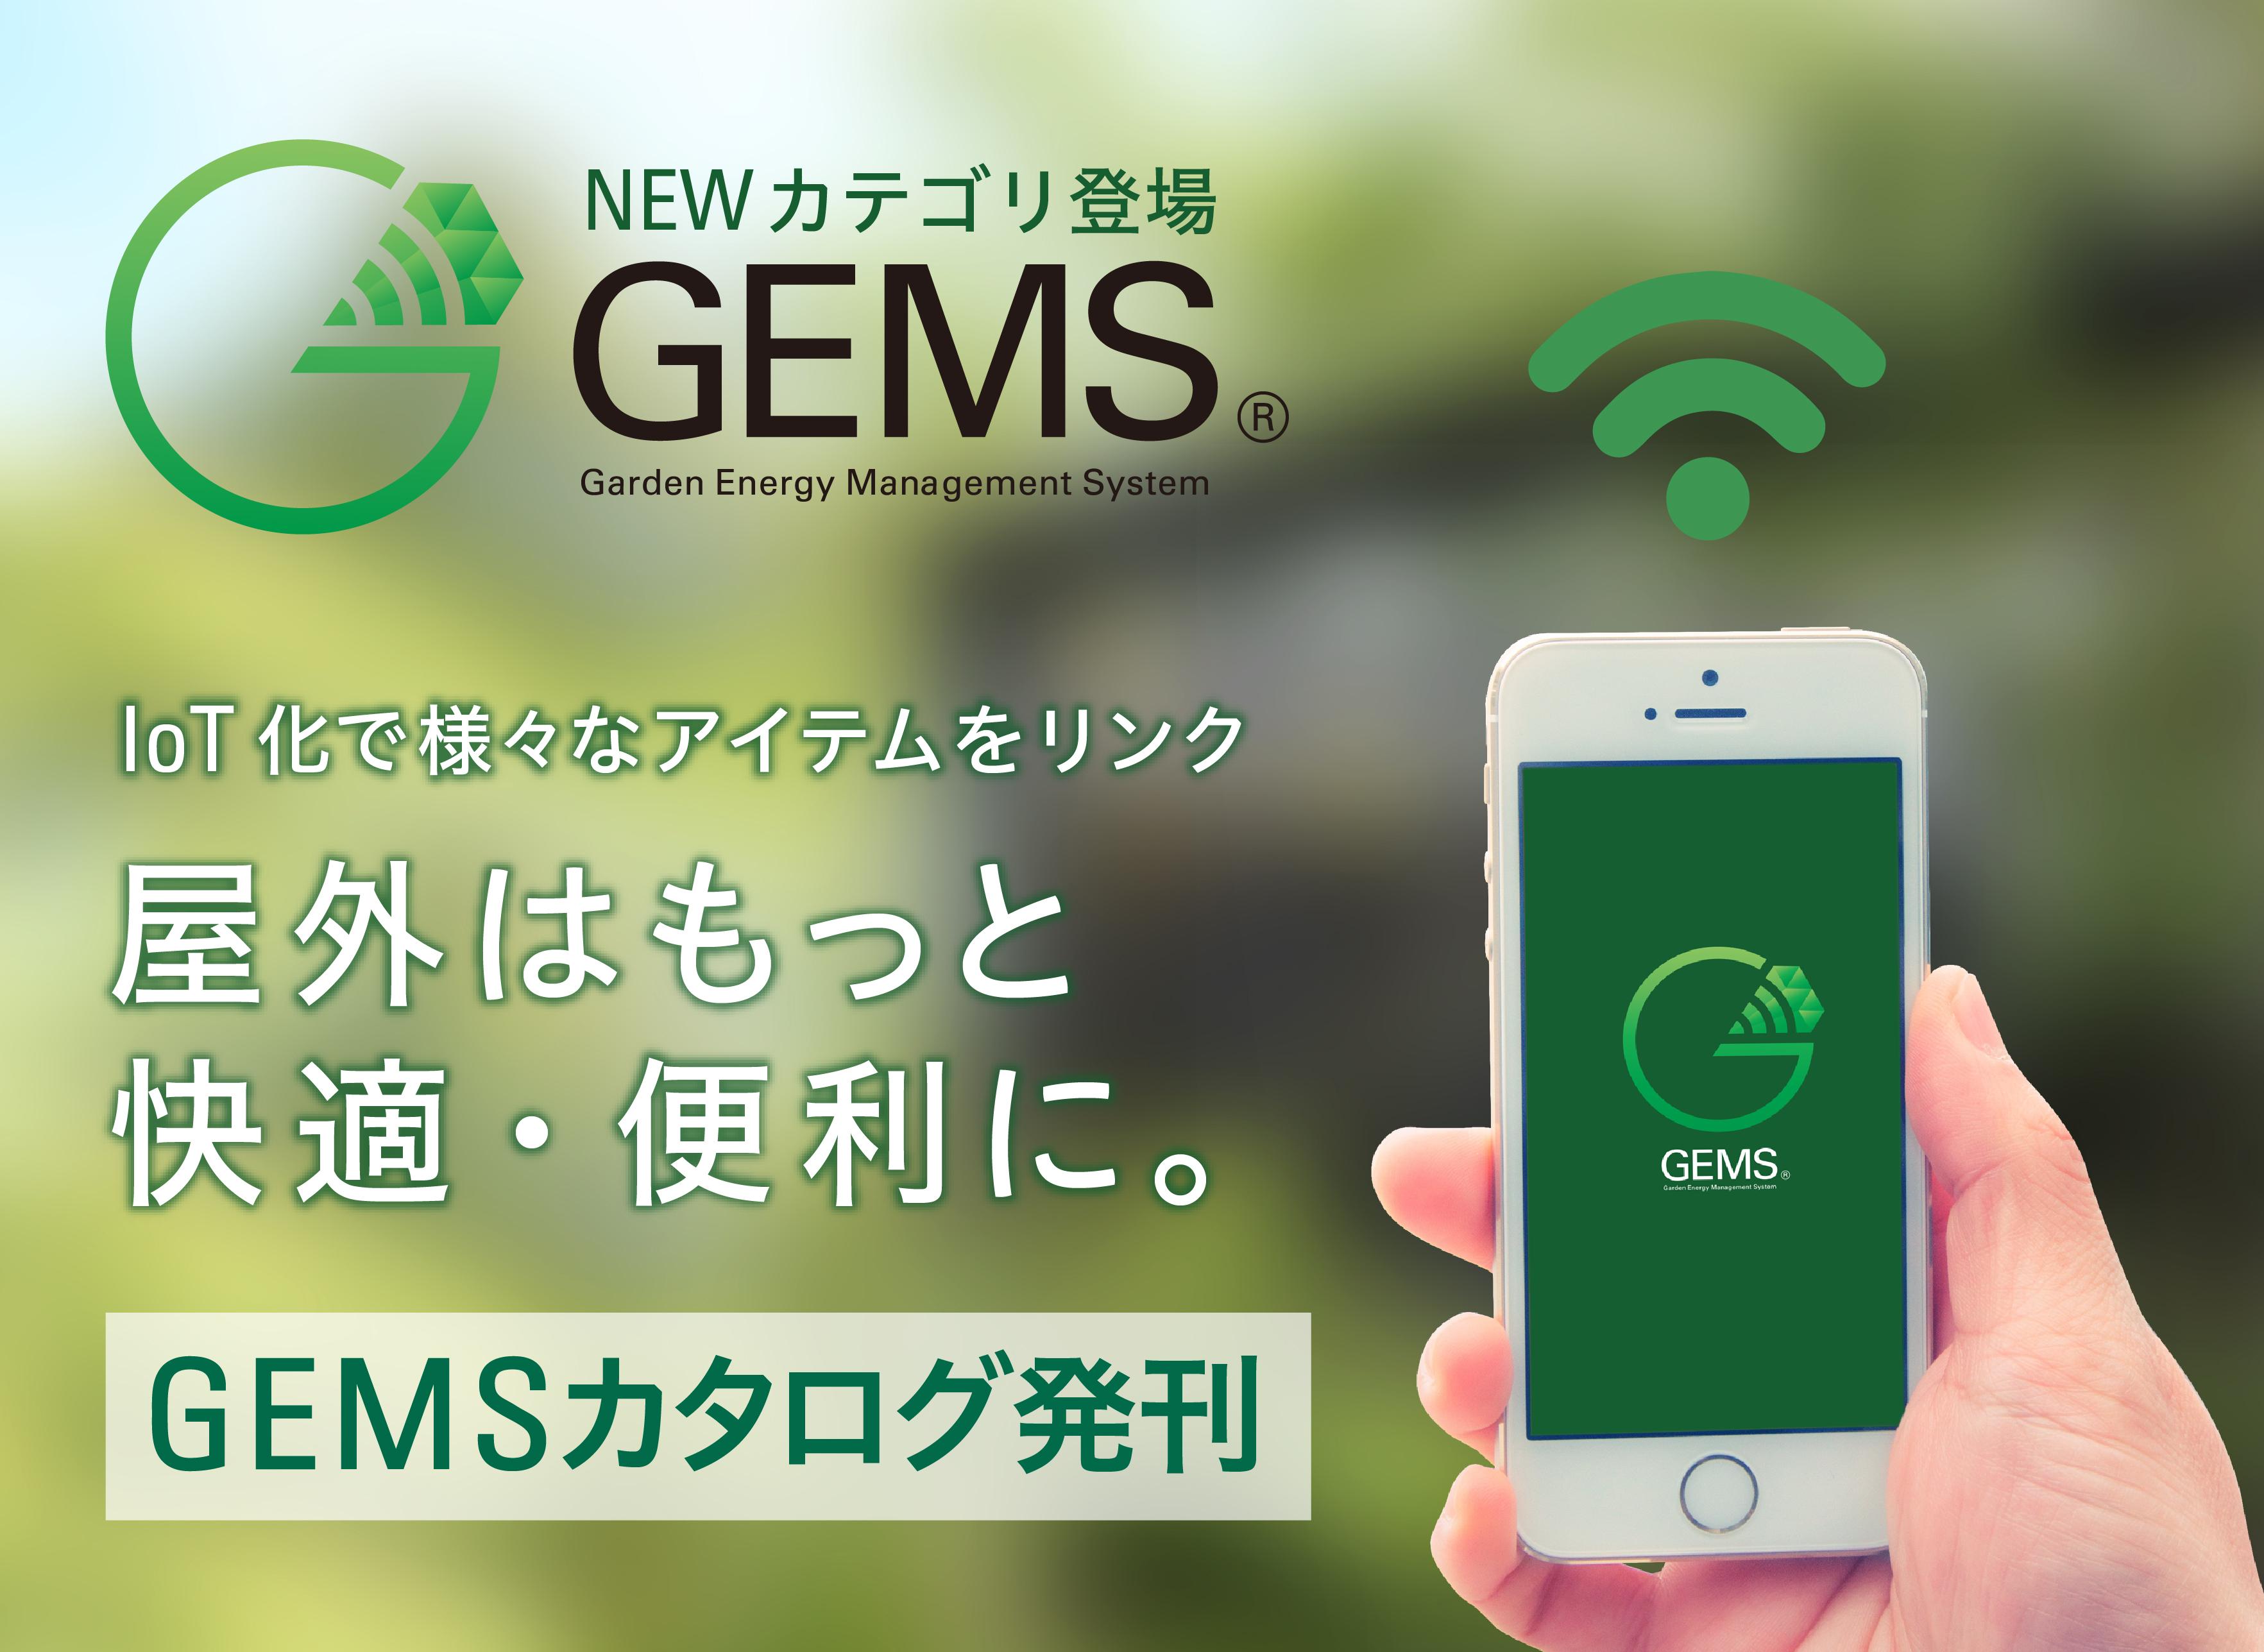 IoTで屋外空間を快適にするGEMS。施設も住宅も、快適な場所に人は集まる!